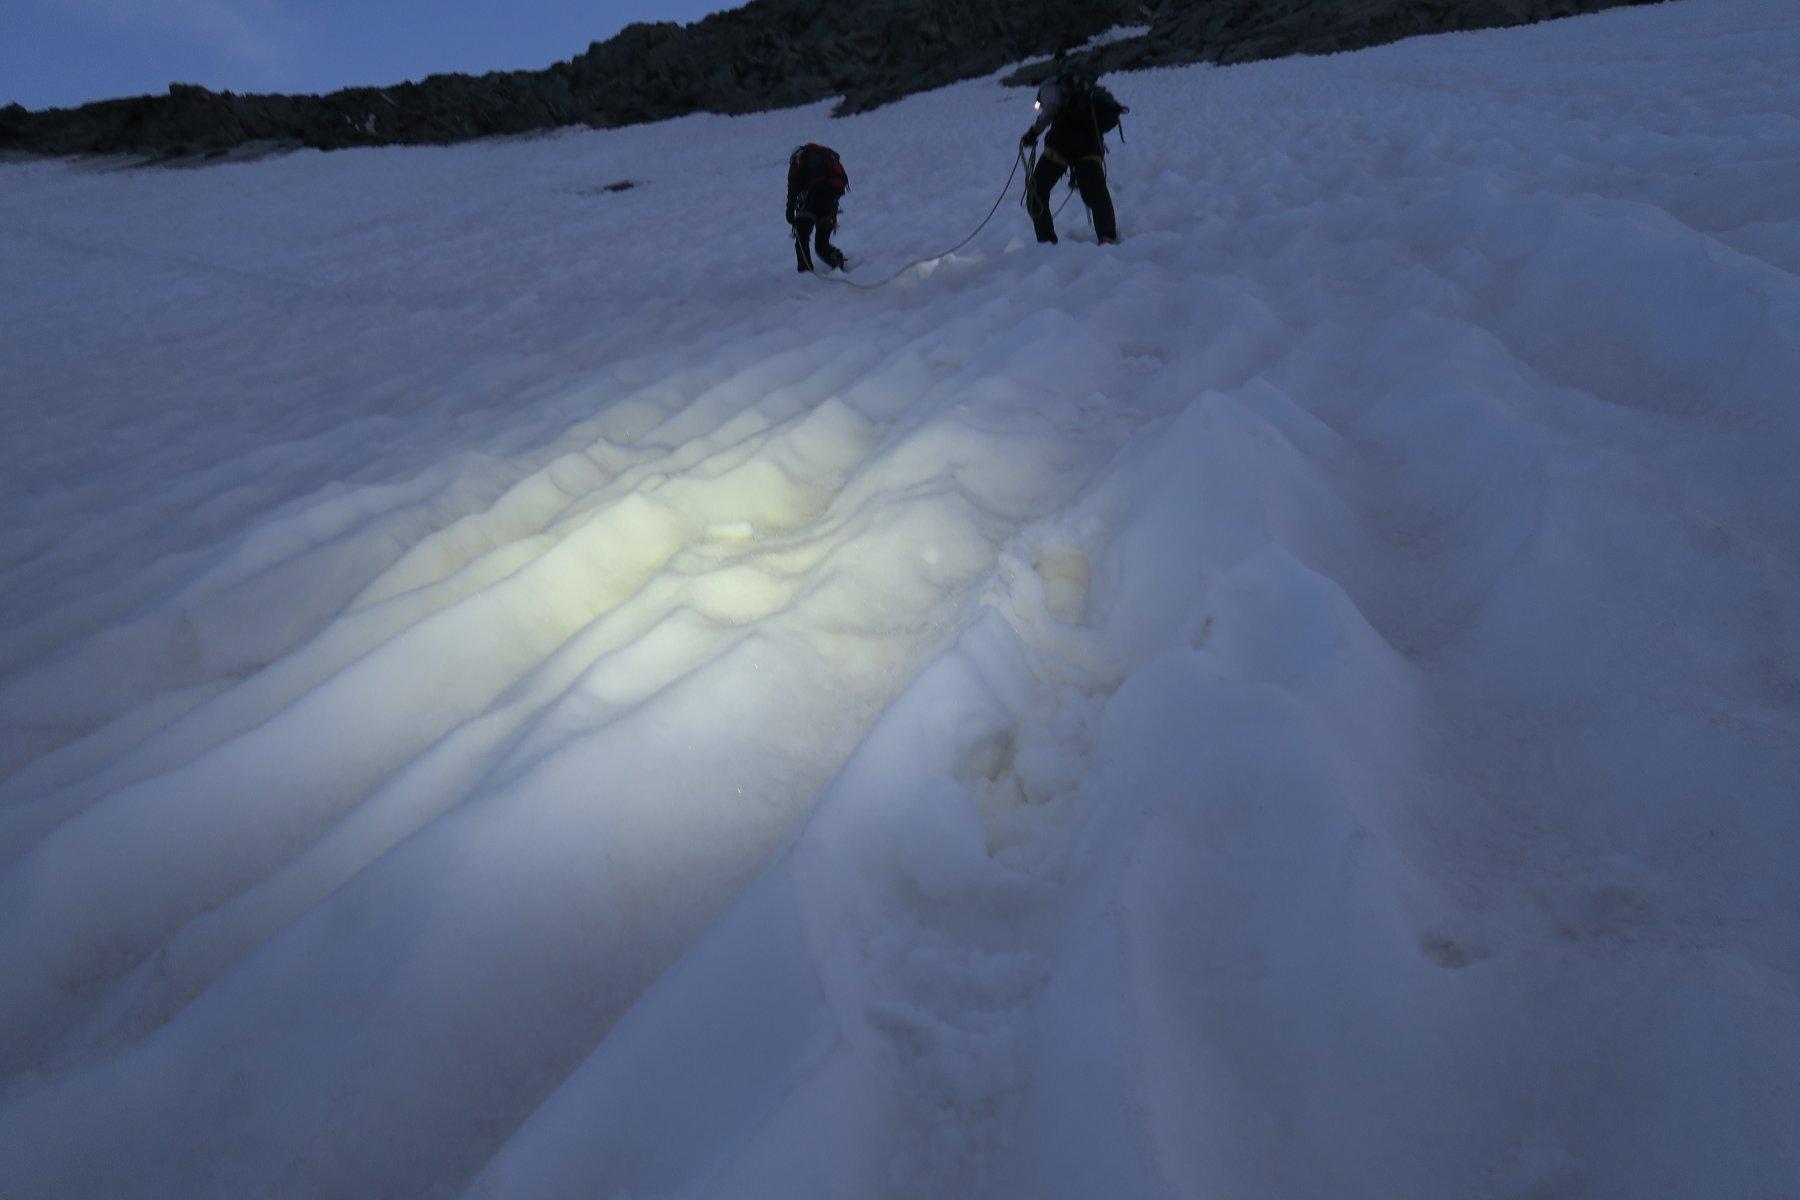 l'inizio del secondo ramponamento che si conclude alla Schneegrat, la spettacolare cresta finale